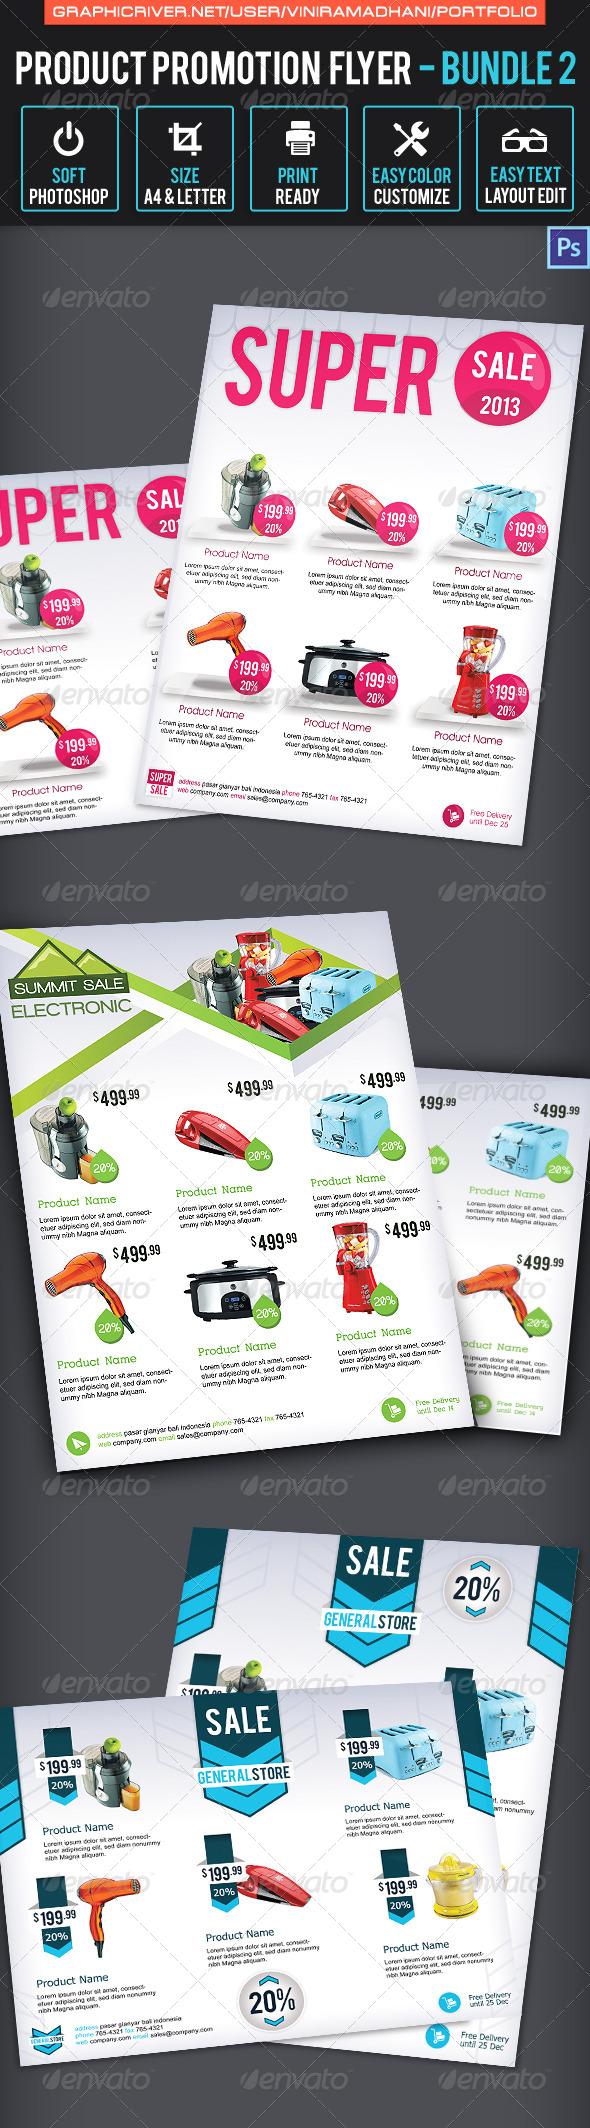 Product Promotion Flyer Bundle 2 - Commerce Flyers